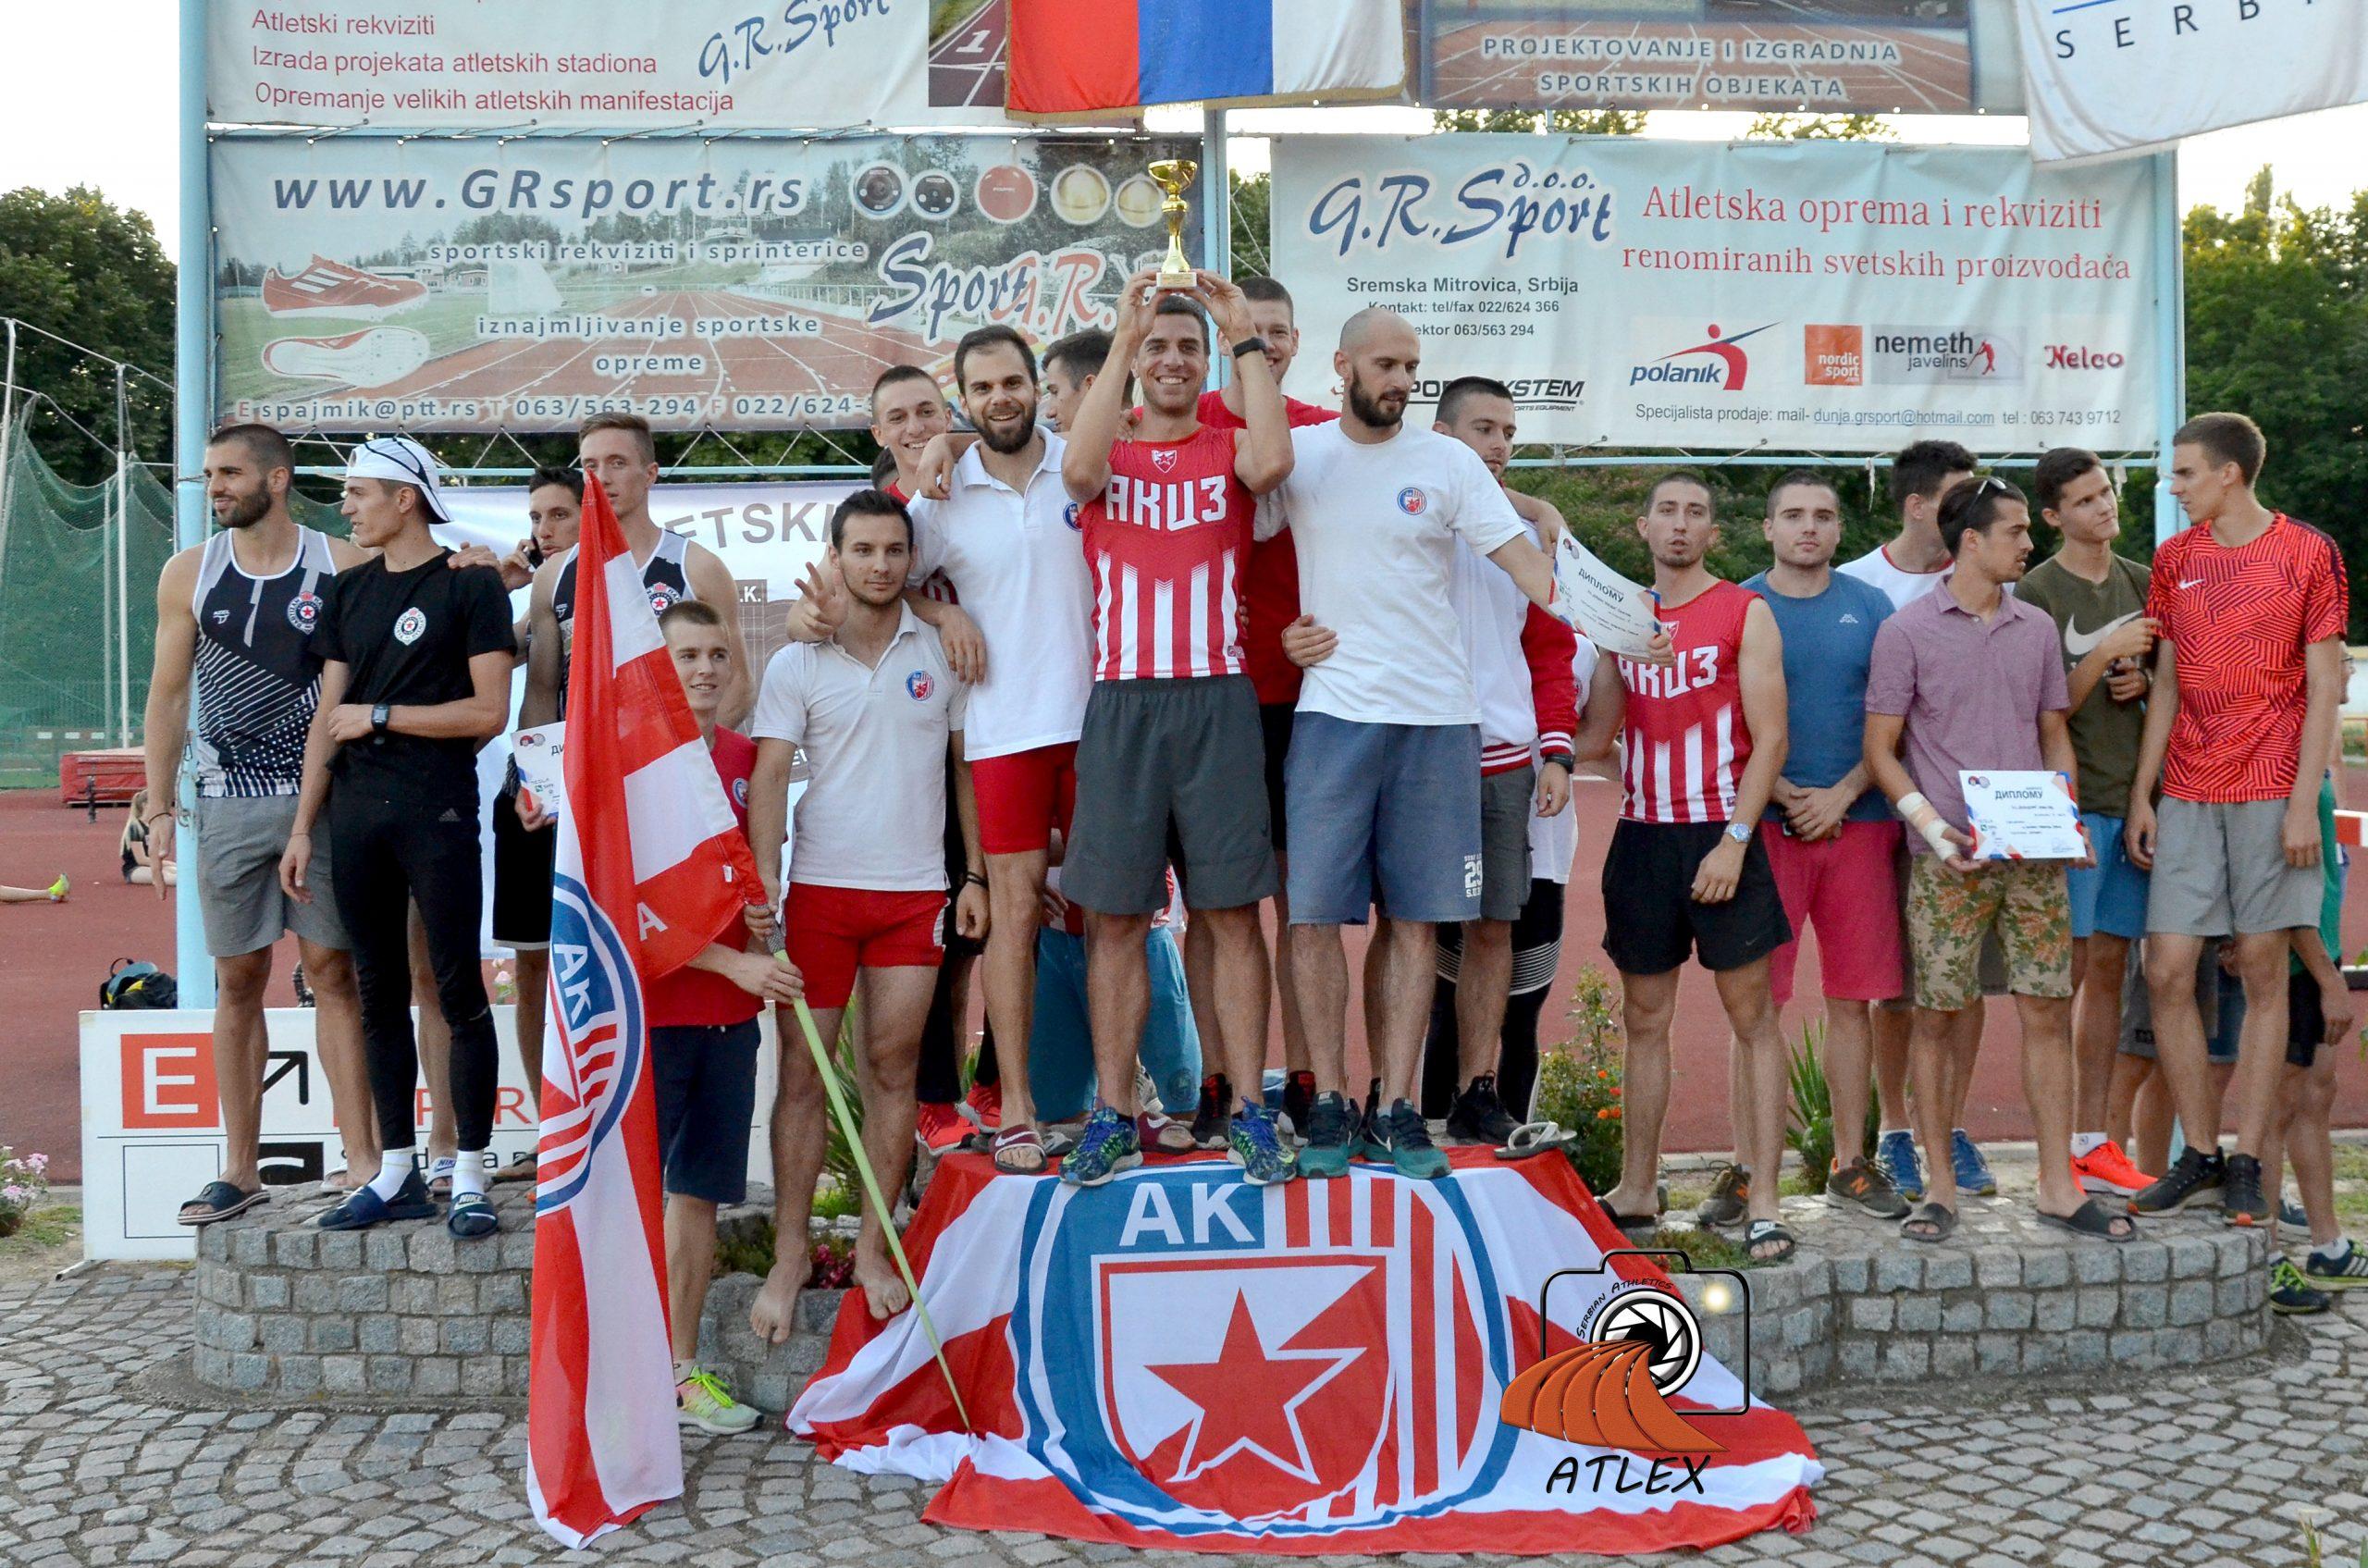 Atletičari Crvene zvezde prvakinje Srbije 2019.